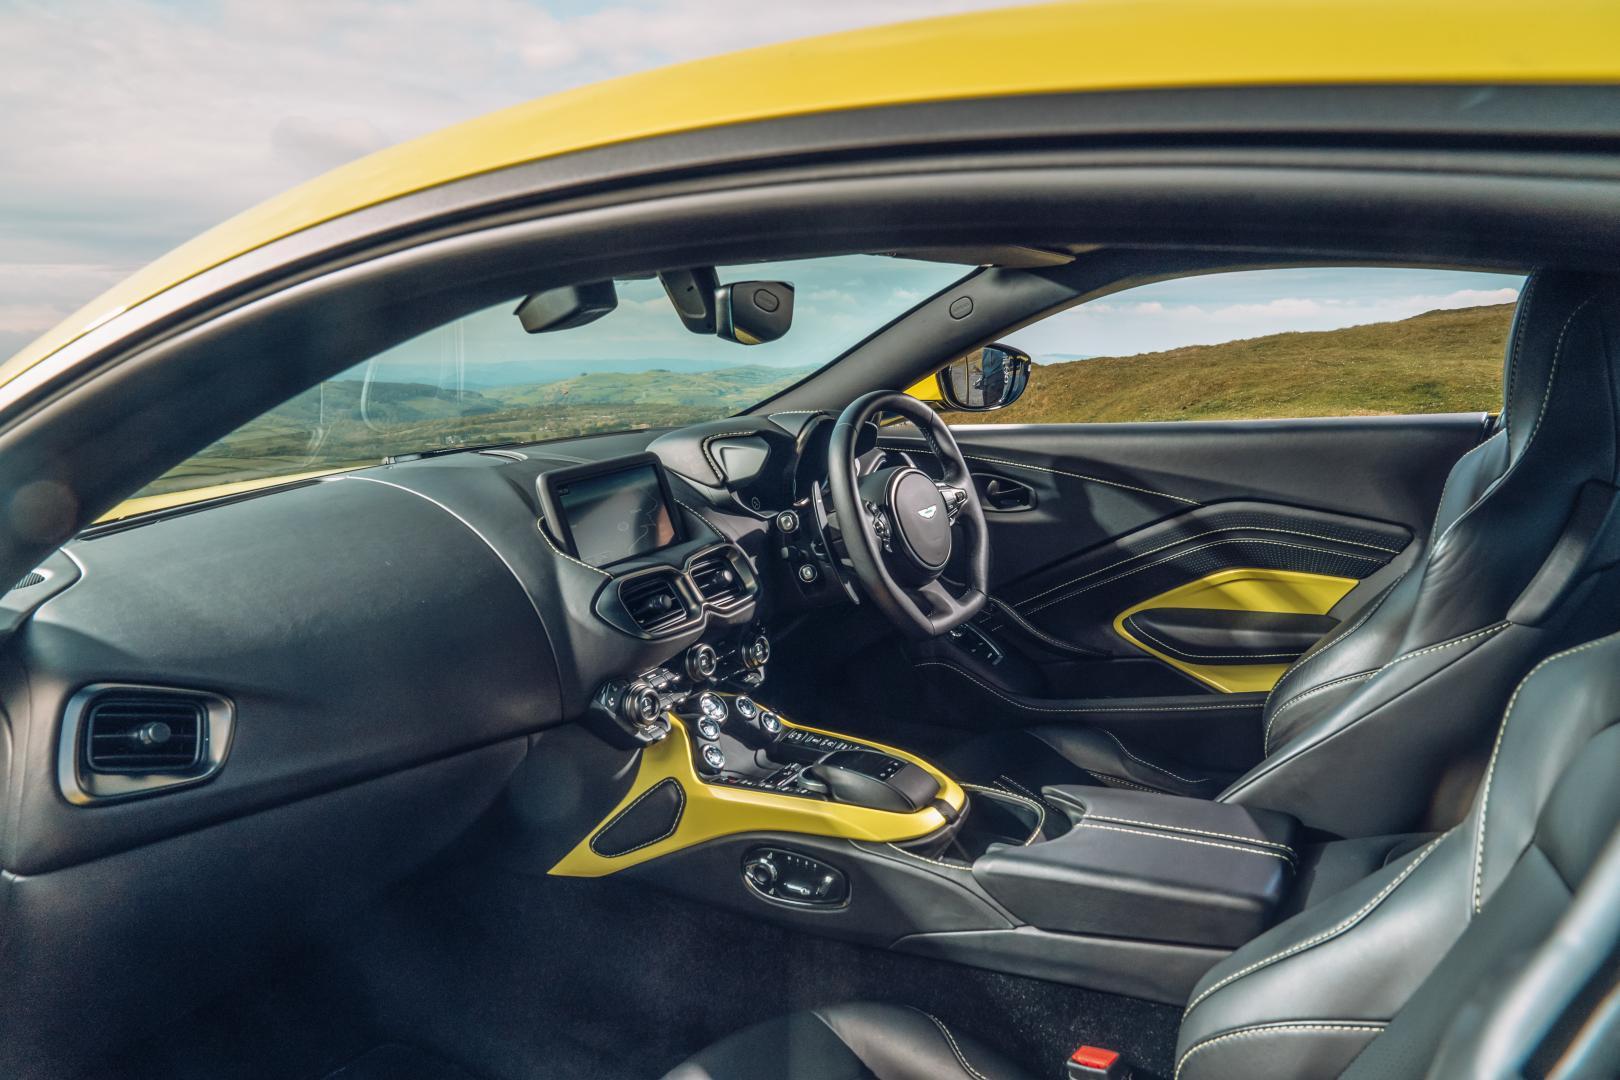 Aston Martin Vantage interieur